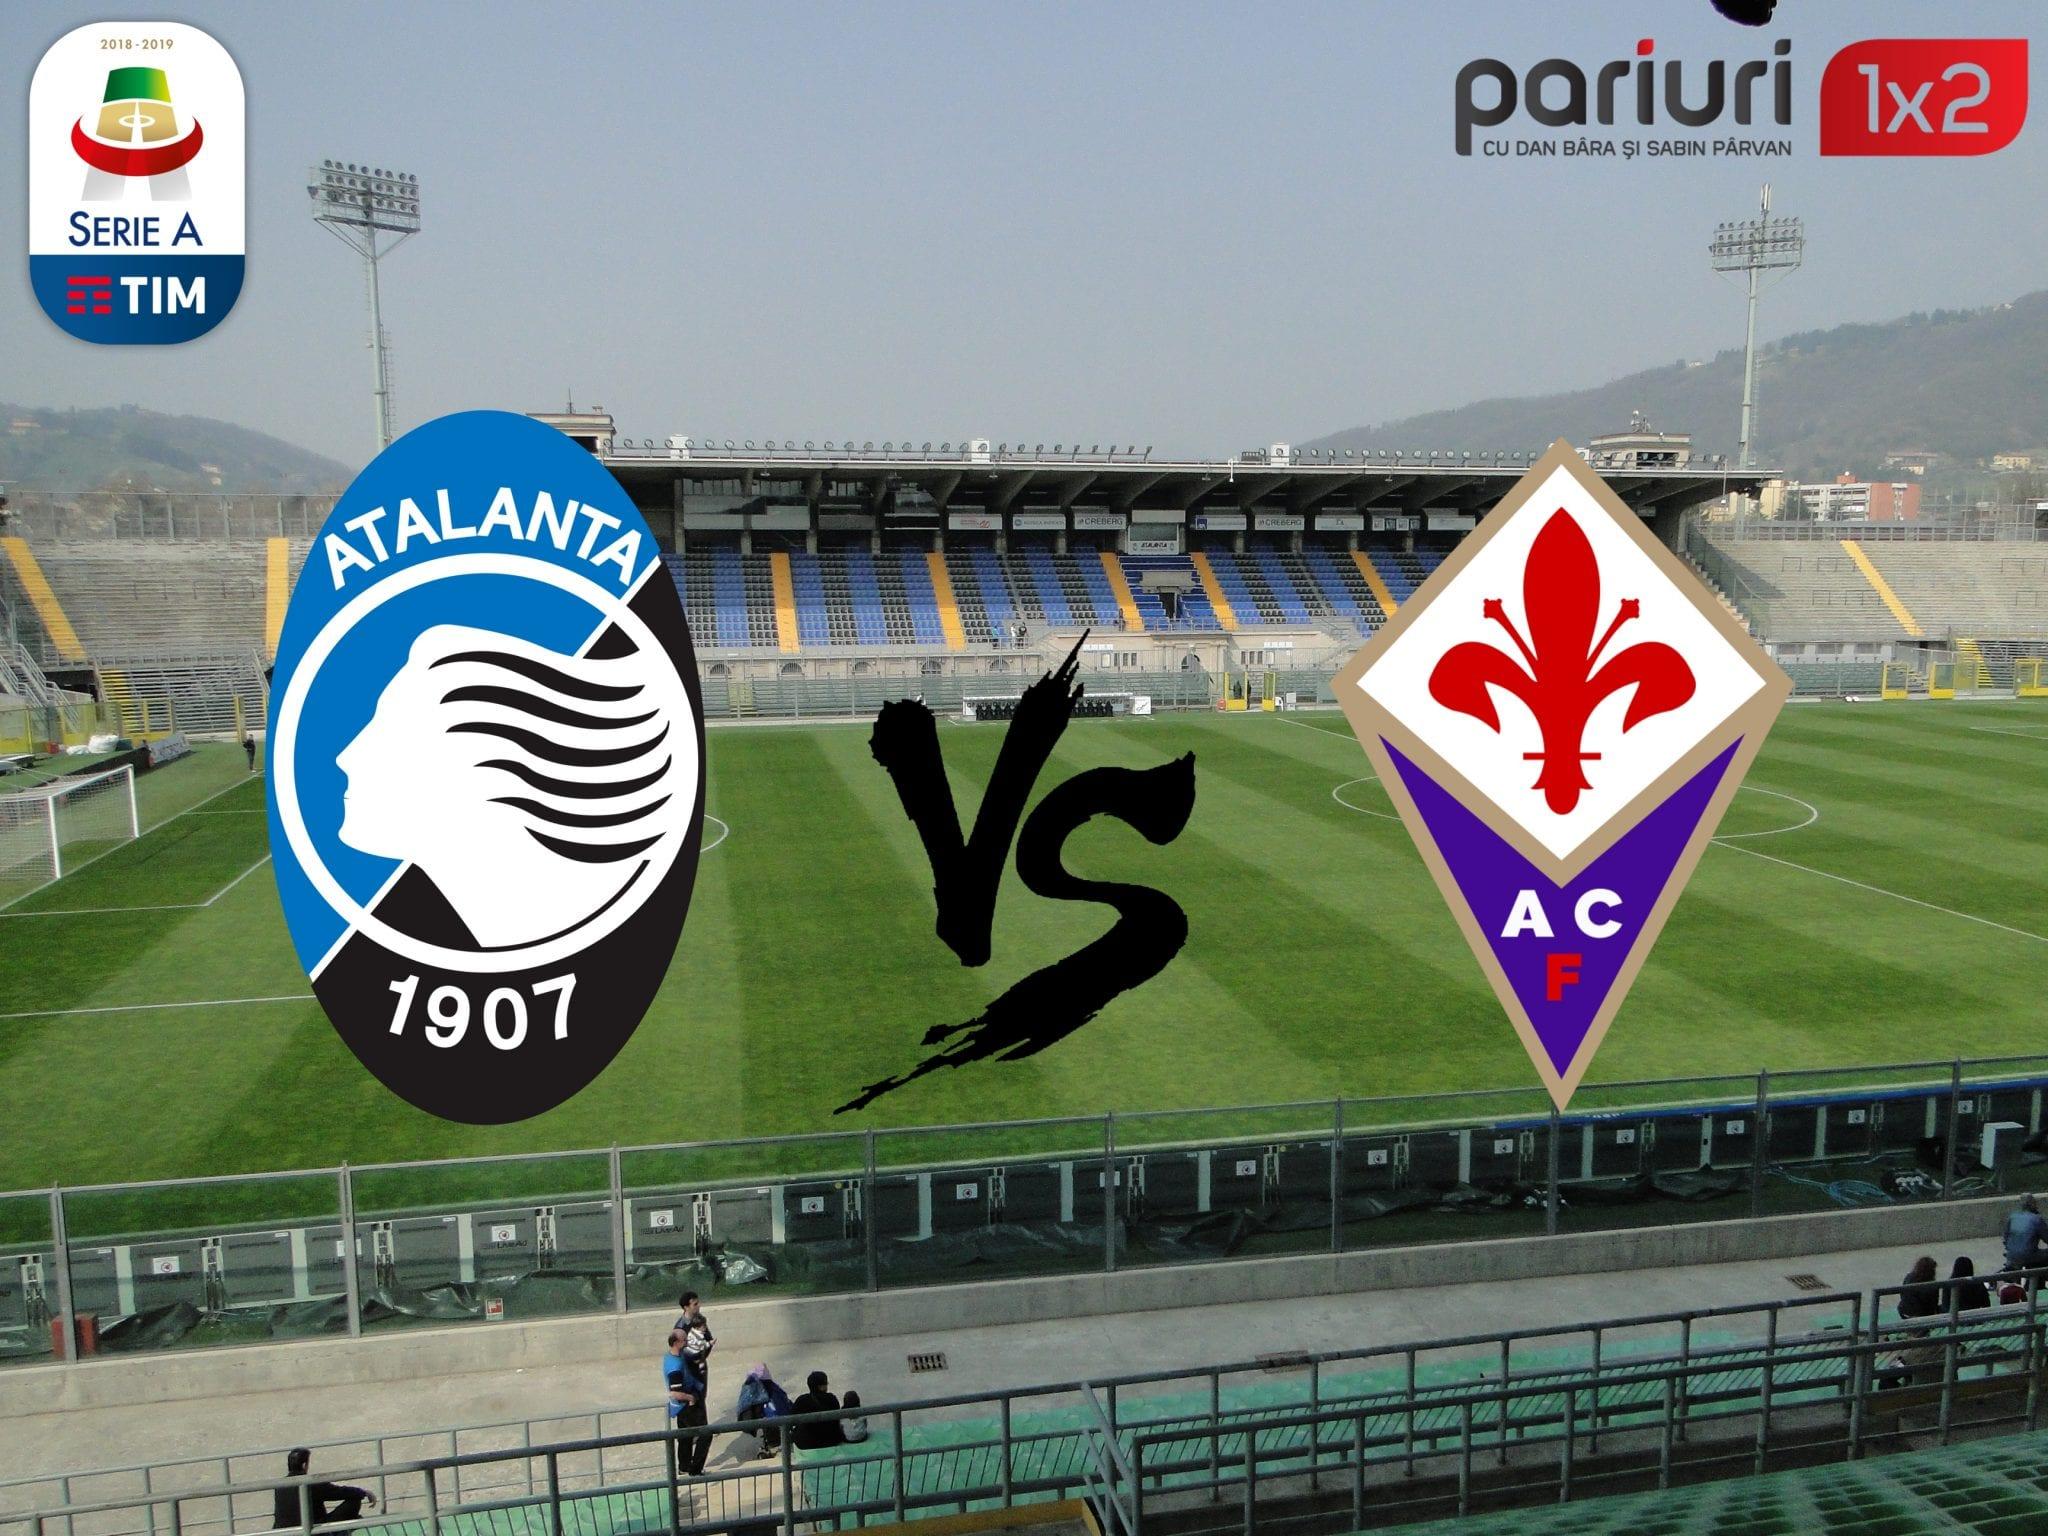 """Atalanta- Fiorentina »» Avem ponturile câștigătoare la duelul de pe """"Stadio Atleti Azzurri d'Italia!"""""""